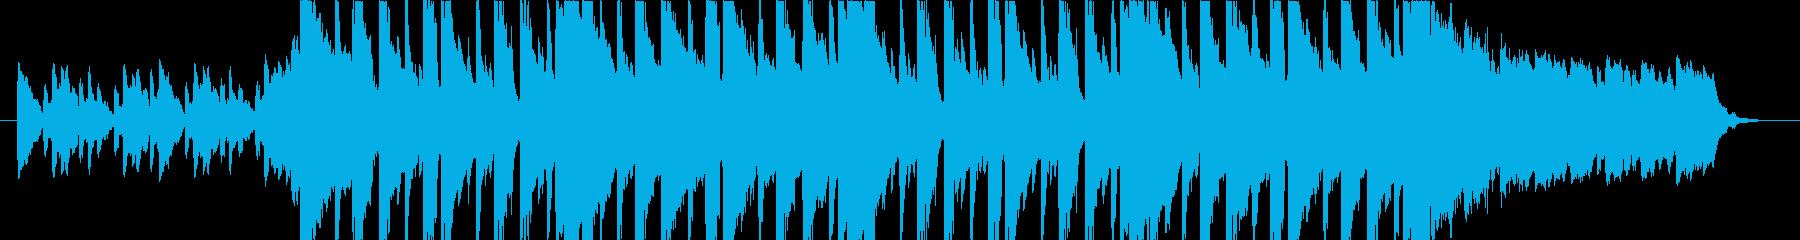 ダークな雰囲気のEDMの再生済みの波形